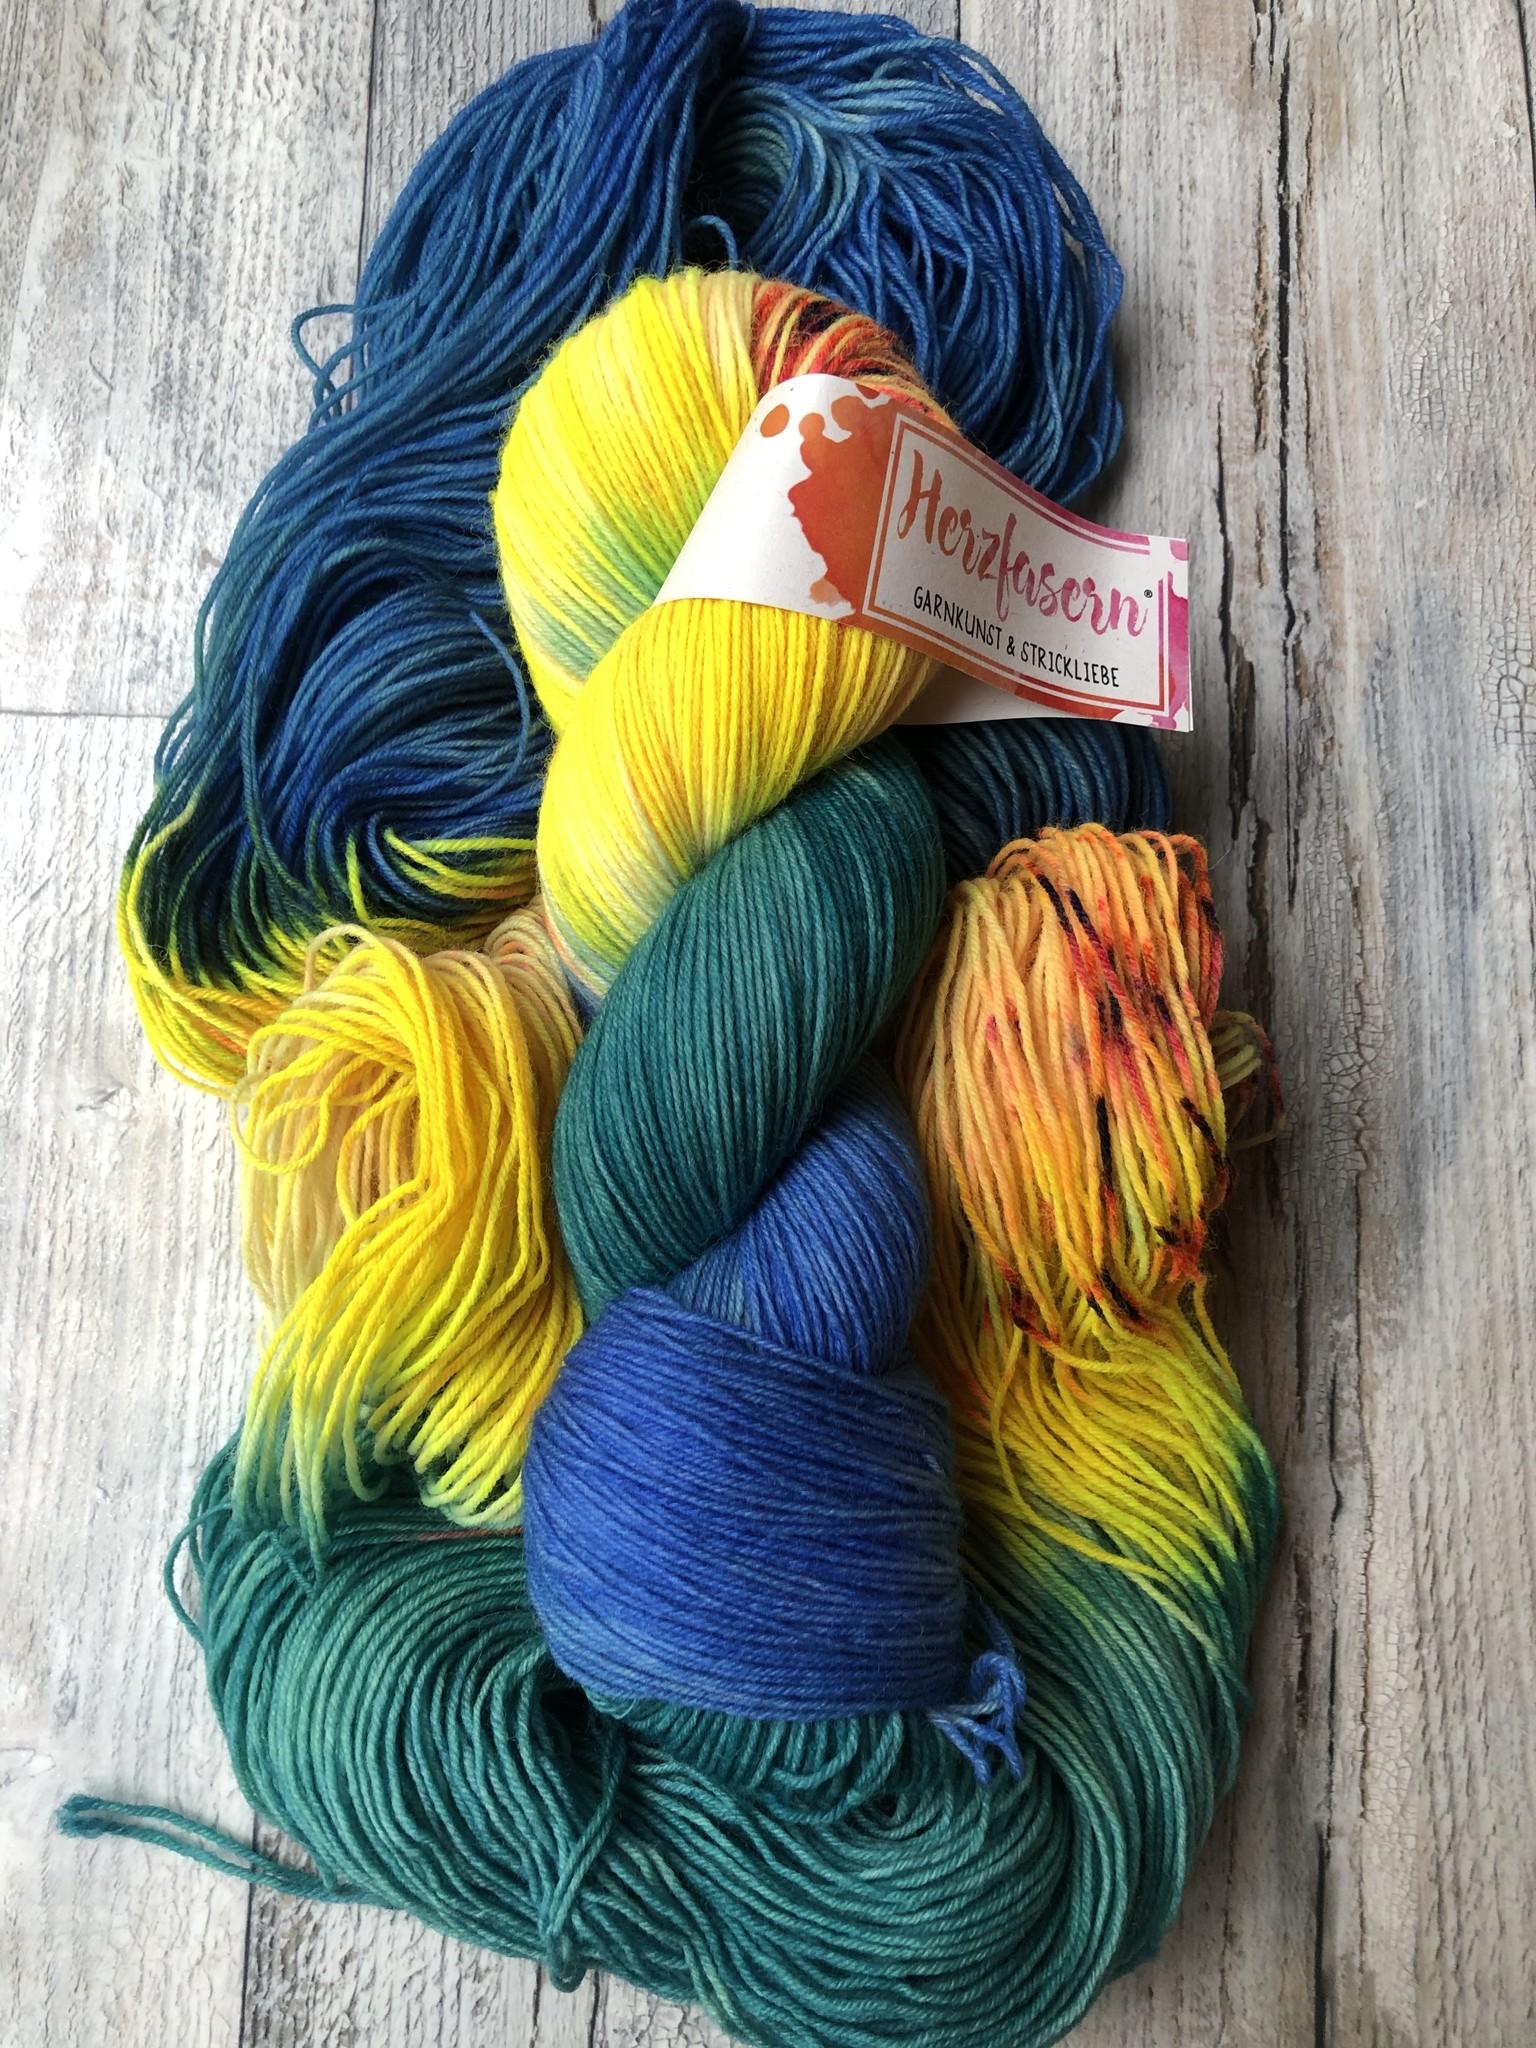 Herzfasern Sockenwolle - Regenwald